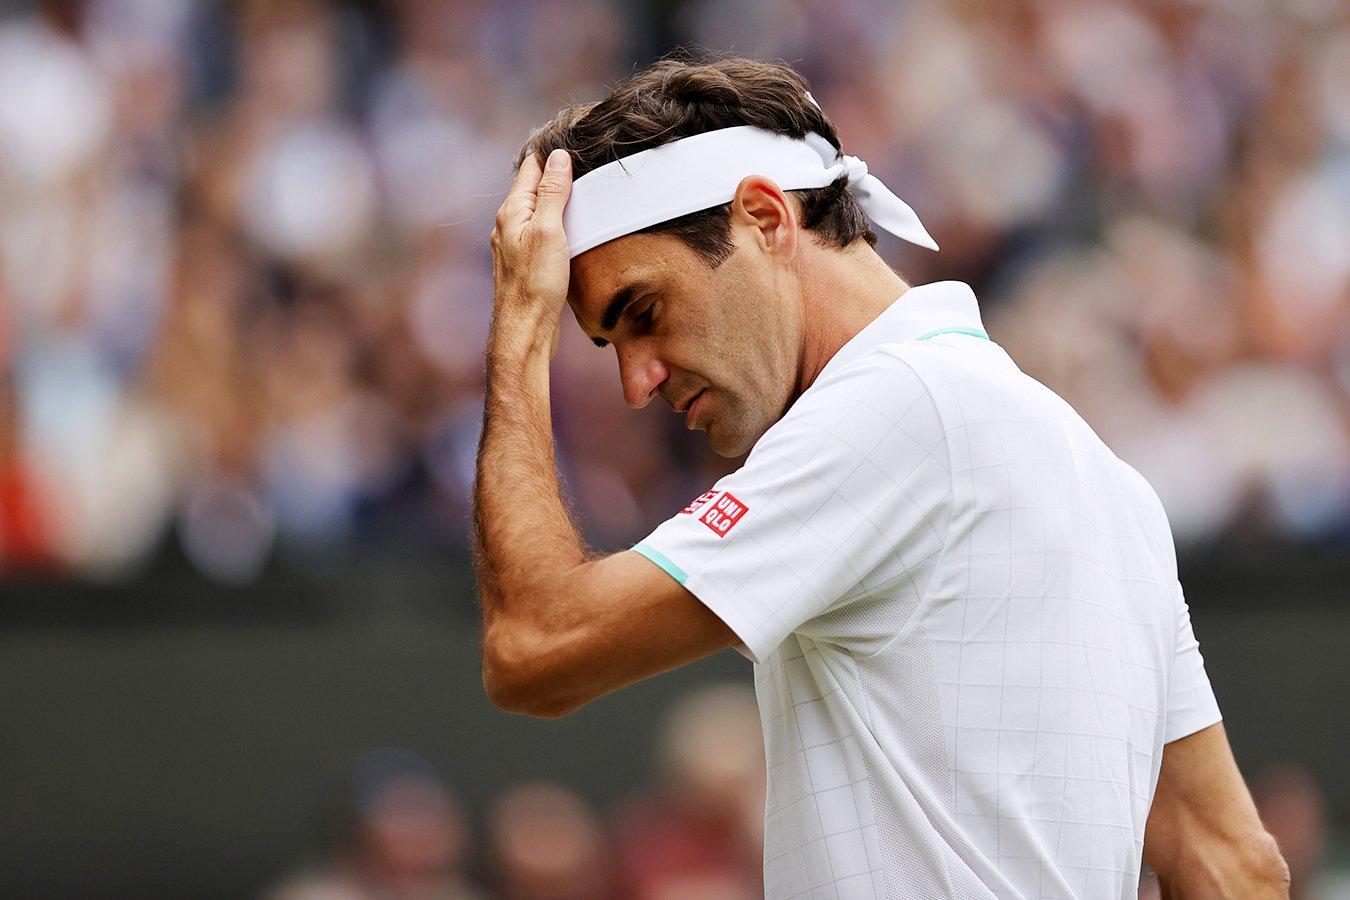 Роджер Федерер объявил, что пропустит US Open и остаток сезона-2021